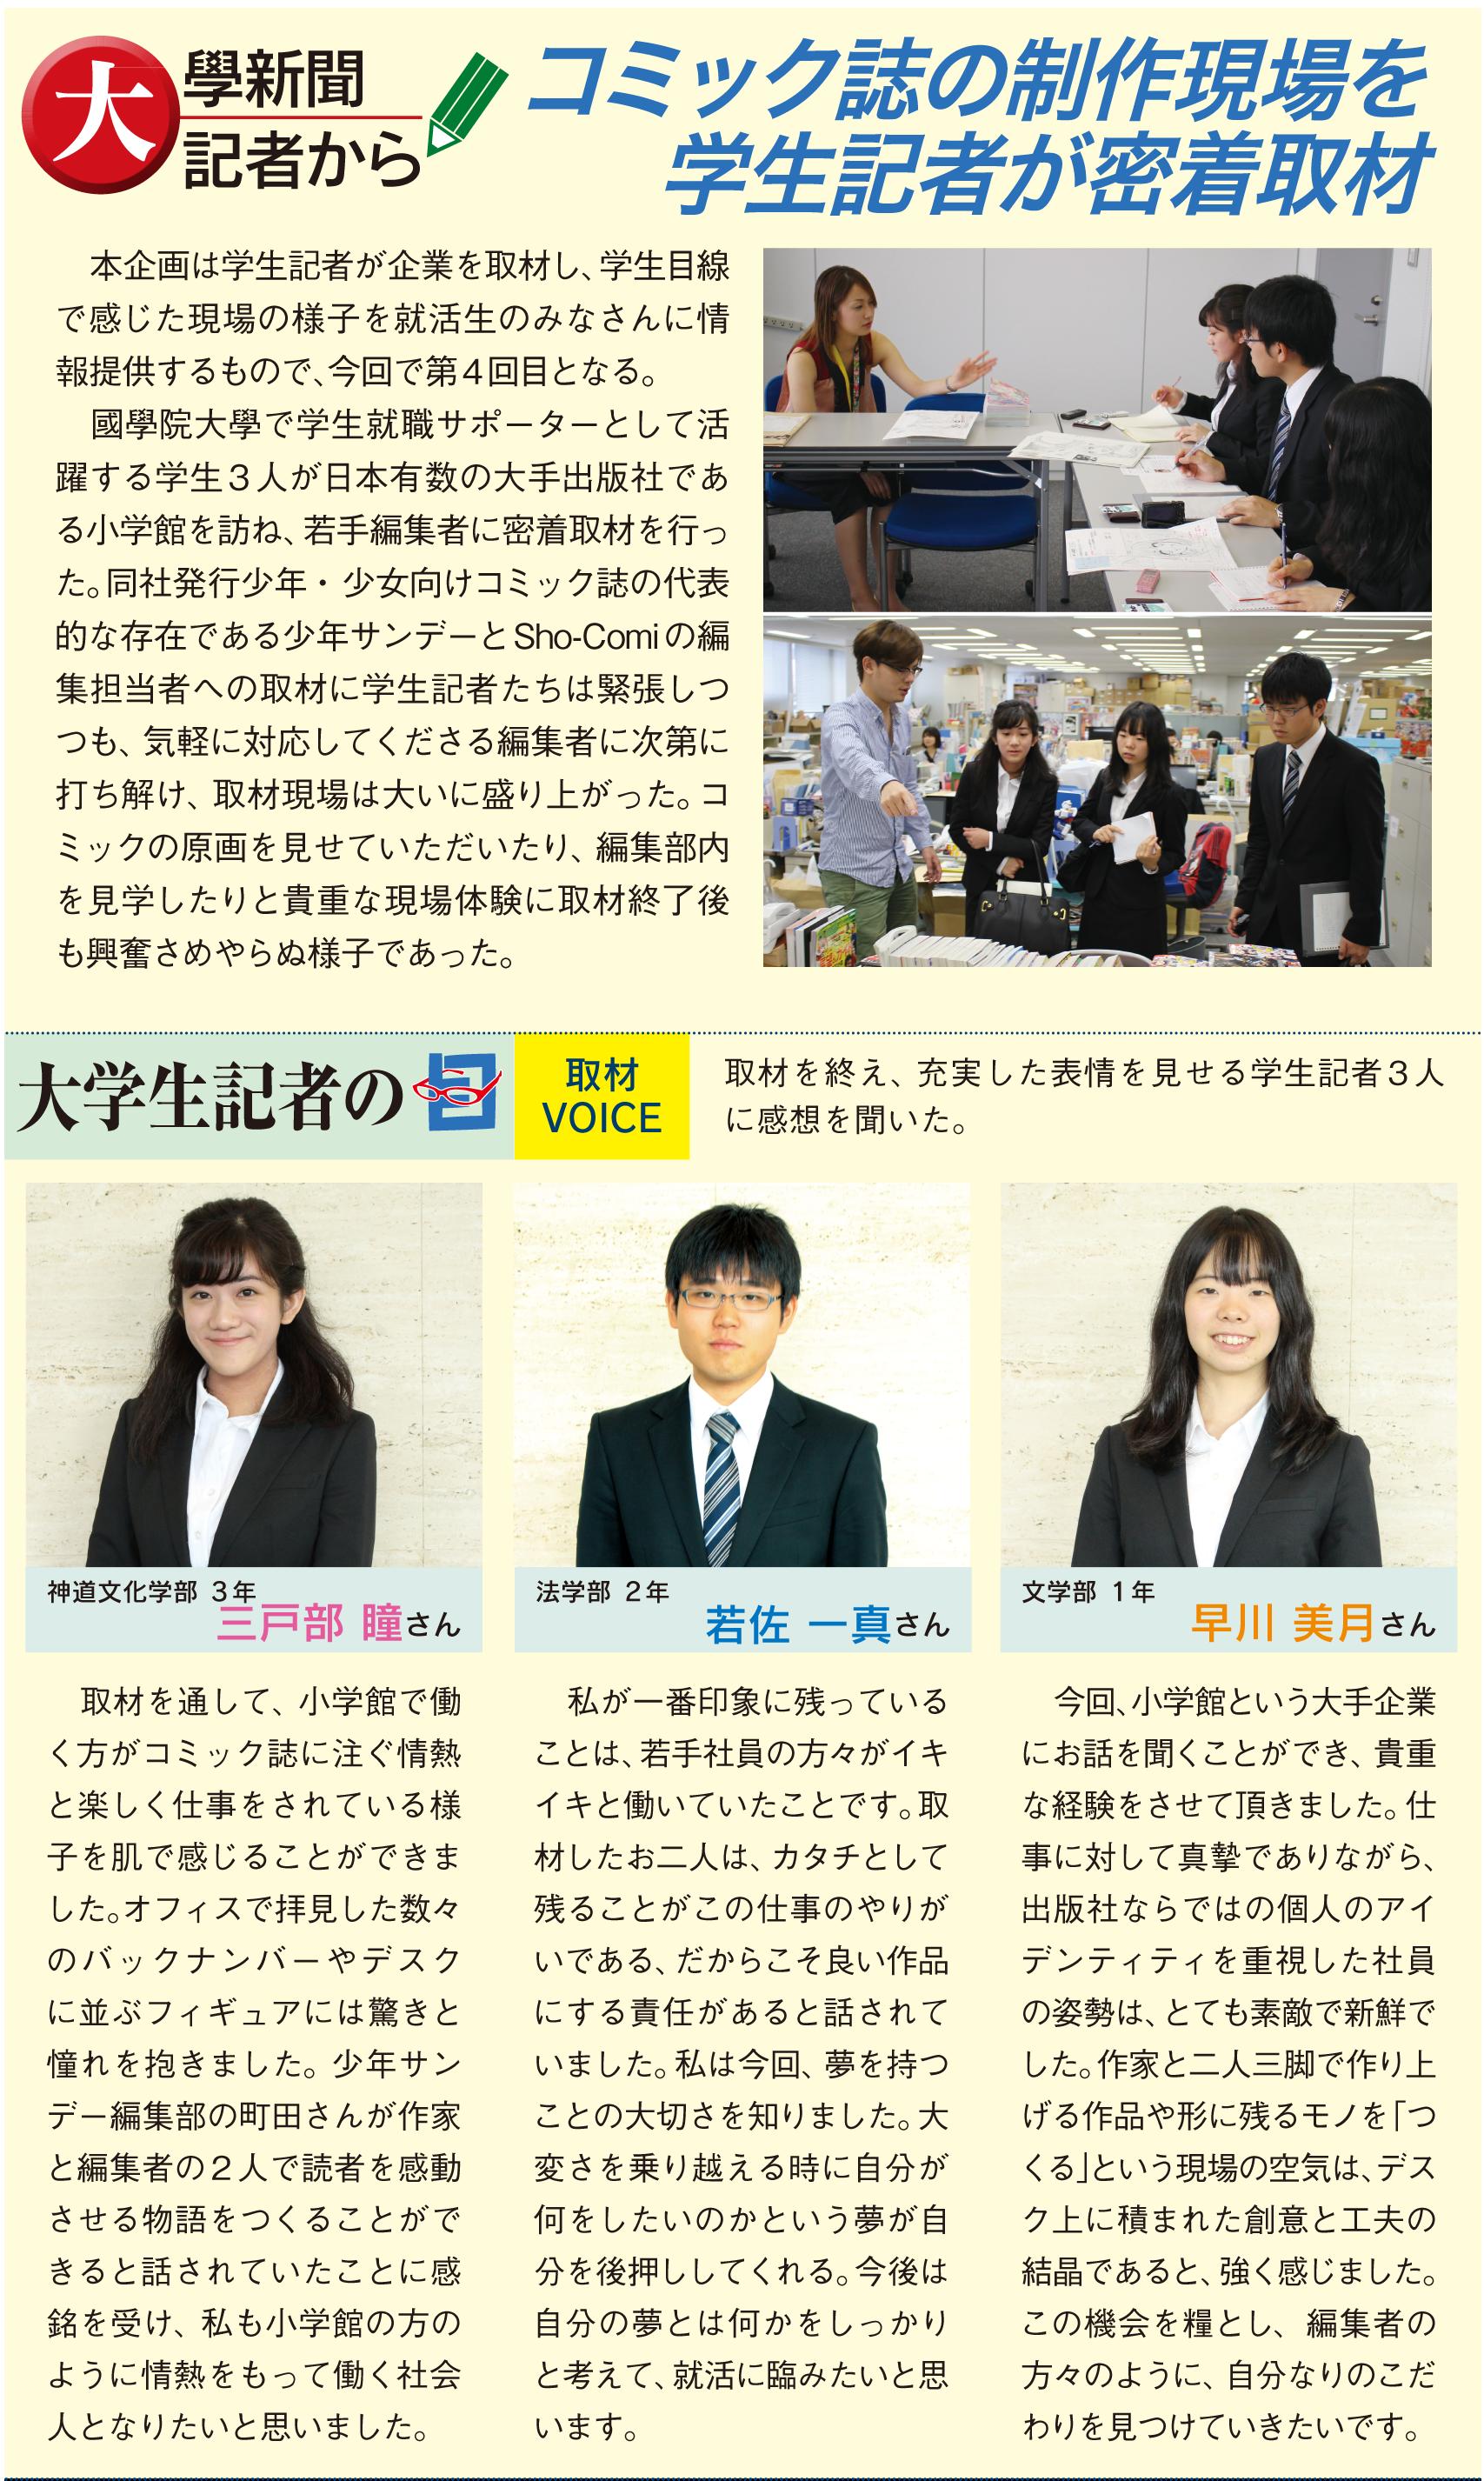 ジャーナル_p15_再